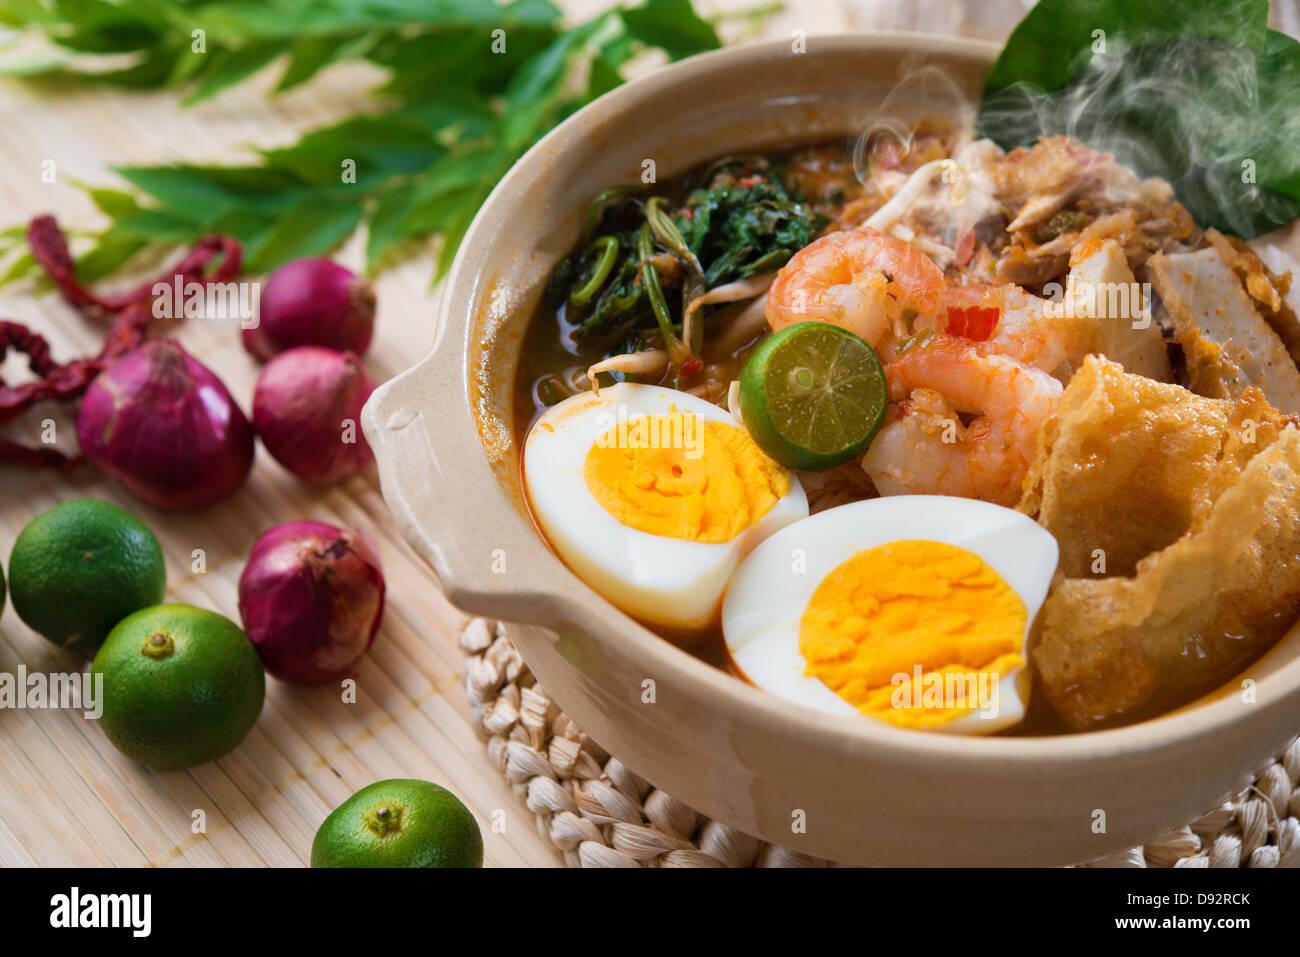 Malaysische Küche | Garnele Mich Garnele Nudeln Beruhmte Malaysische Kuche Wurzig Har